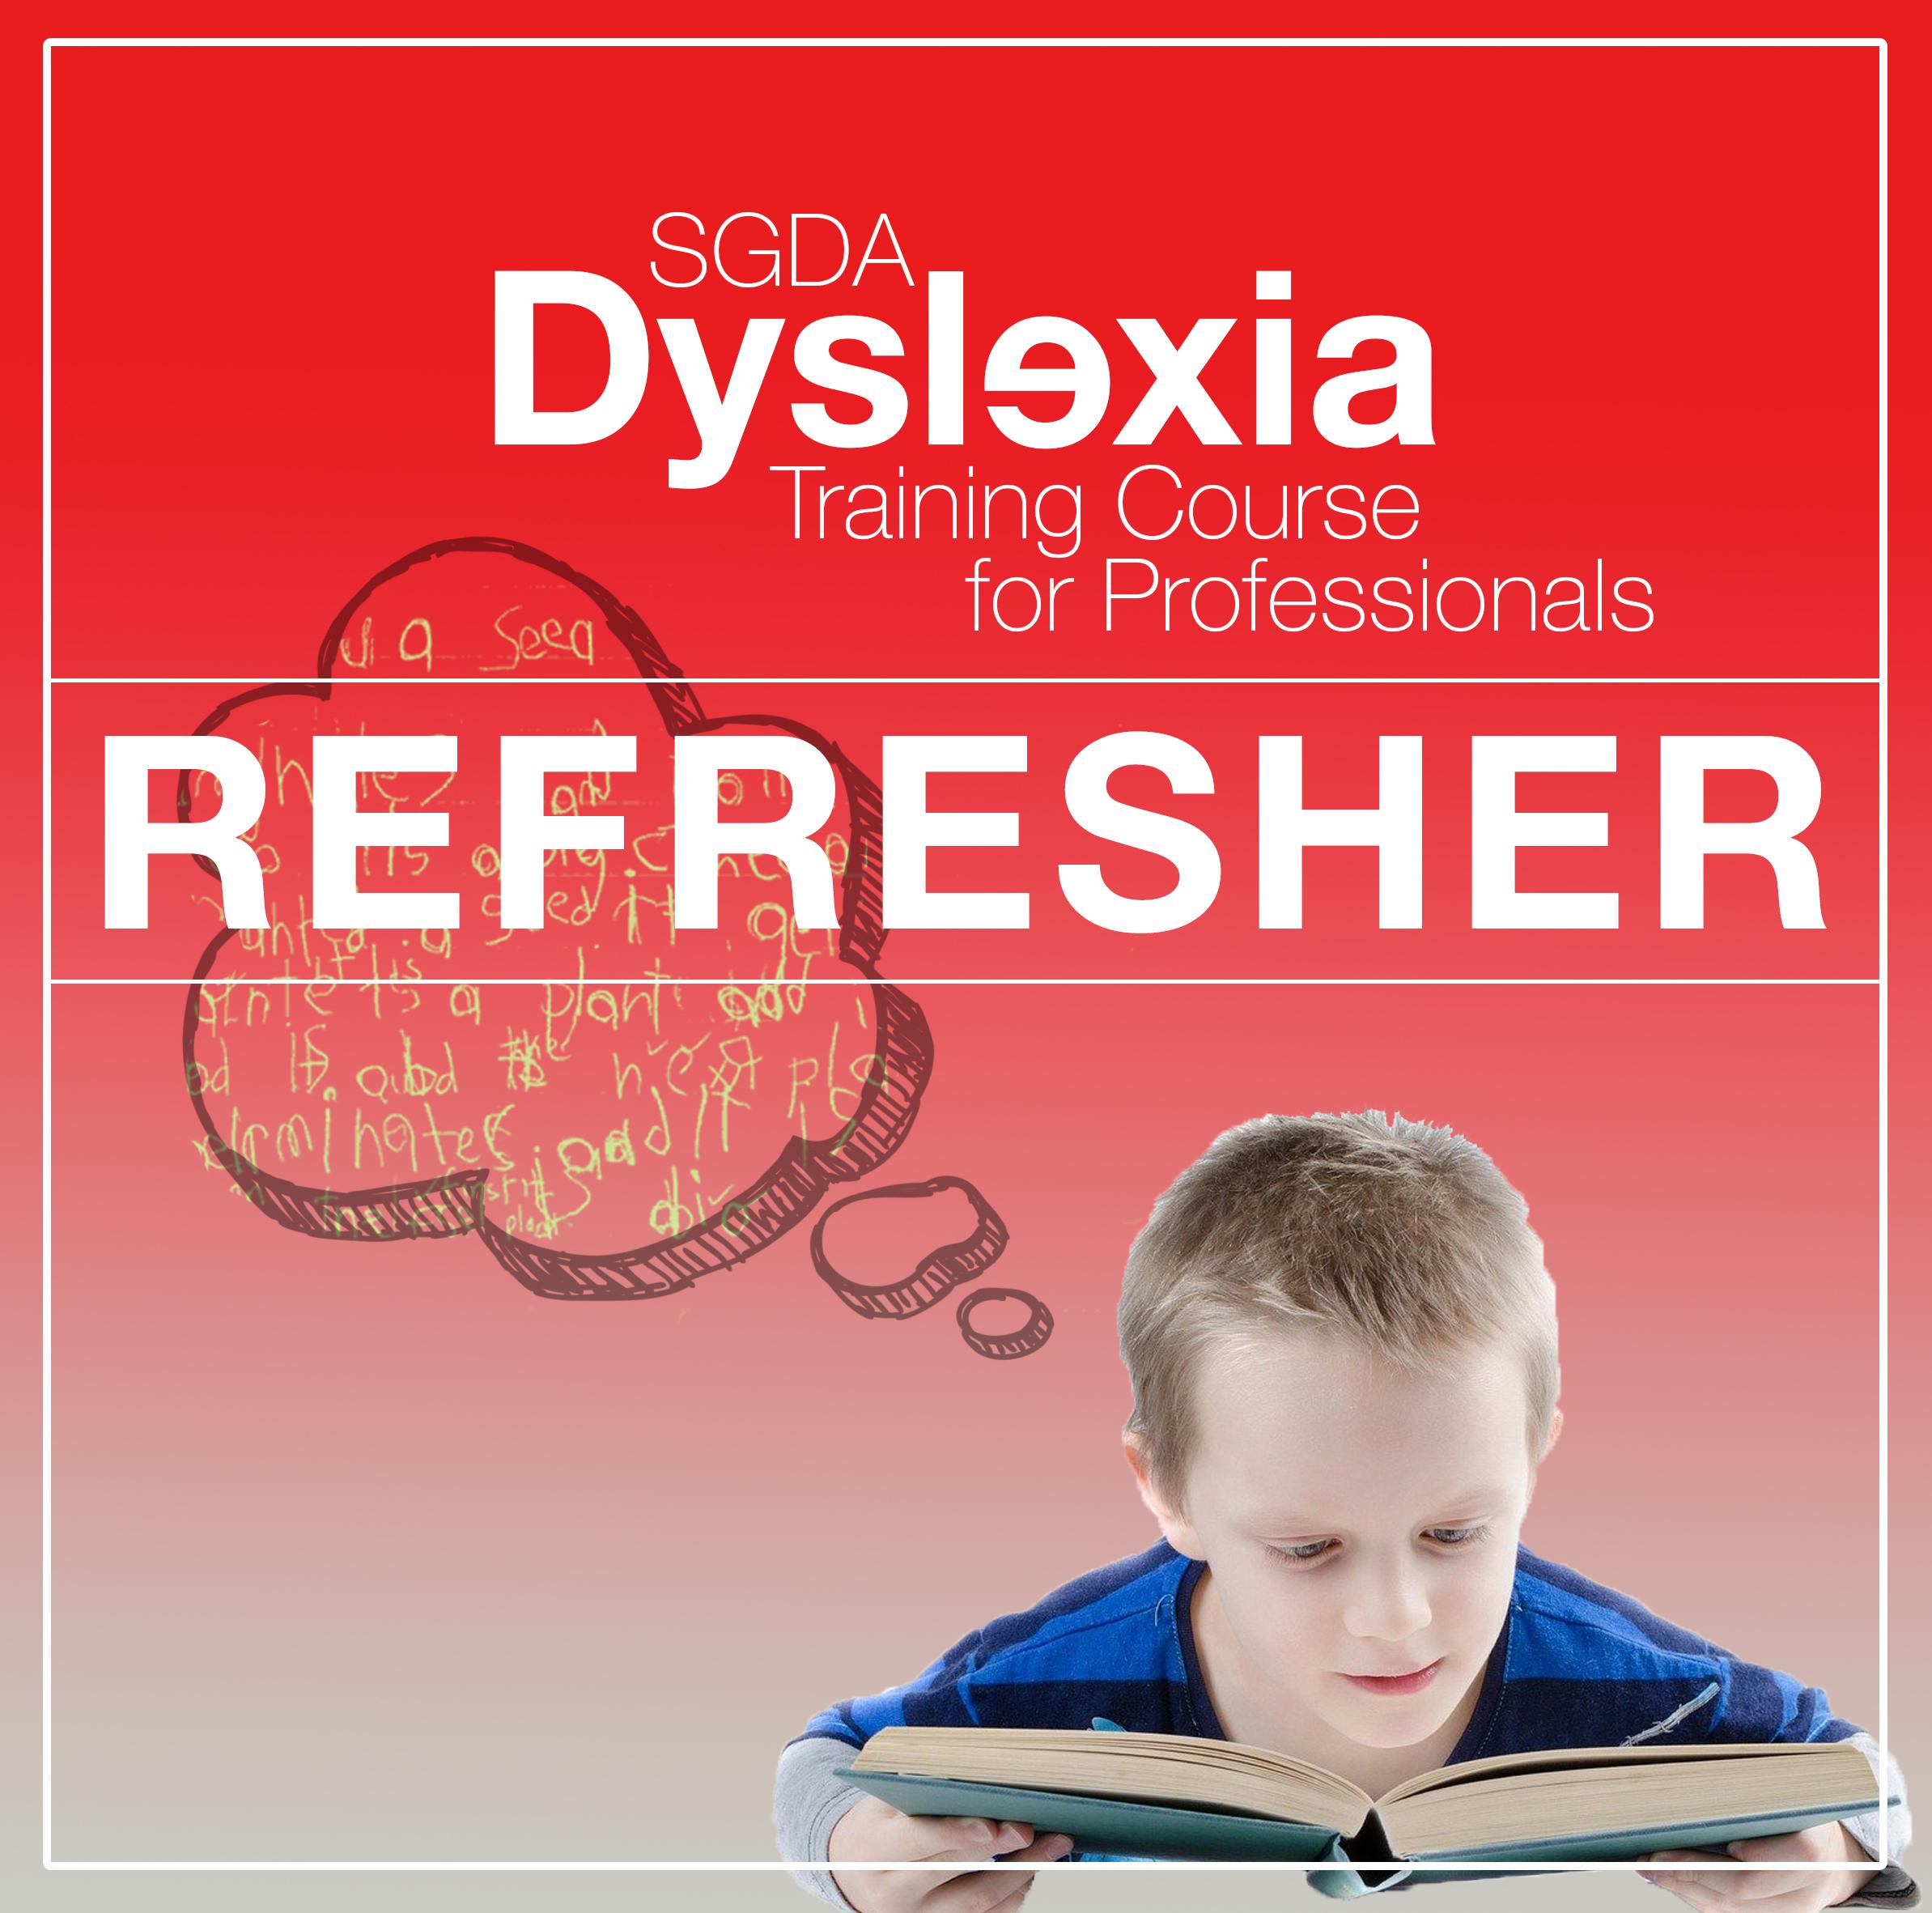 ProfesionalsDyslexia_Refresher